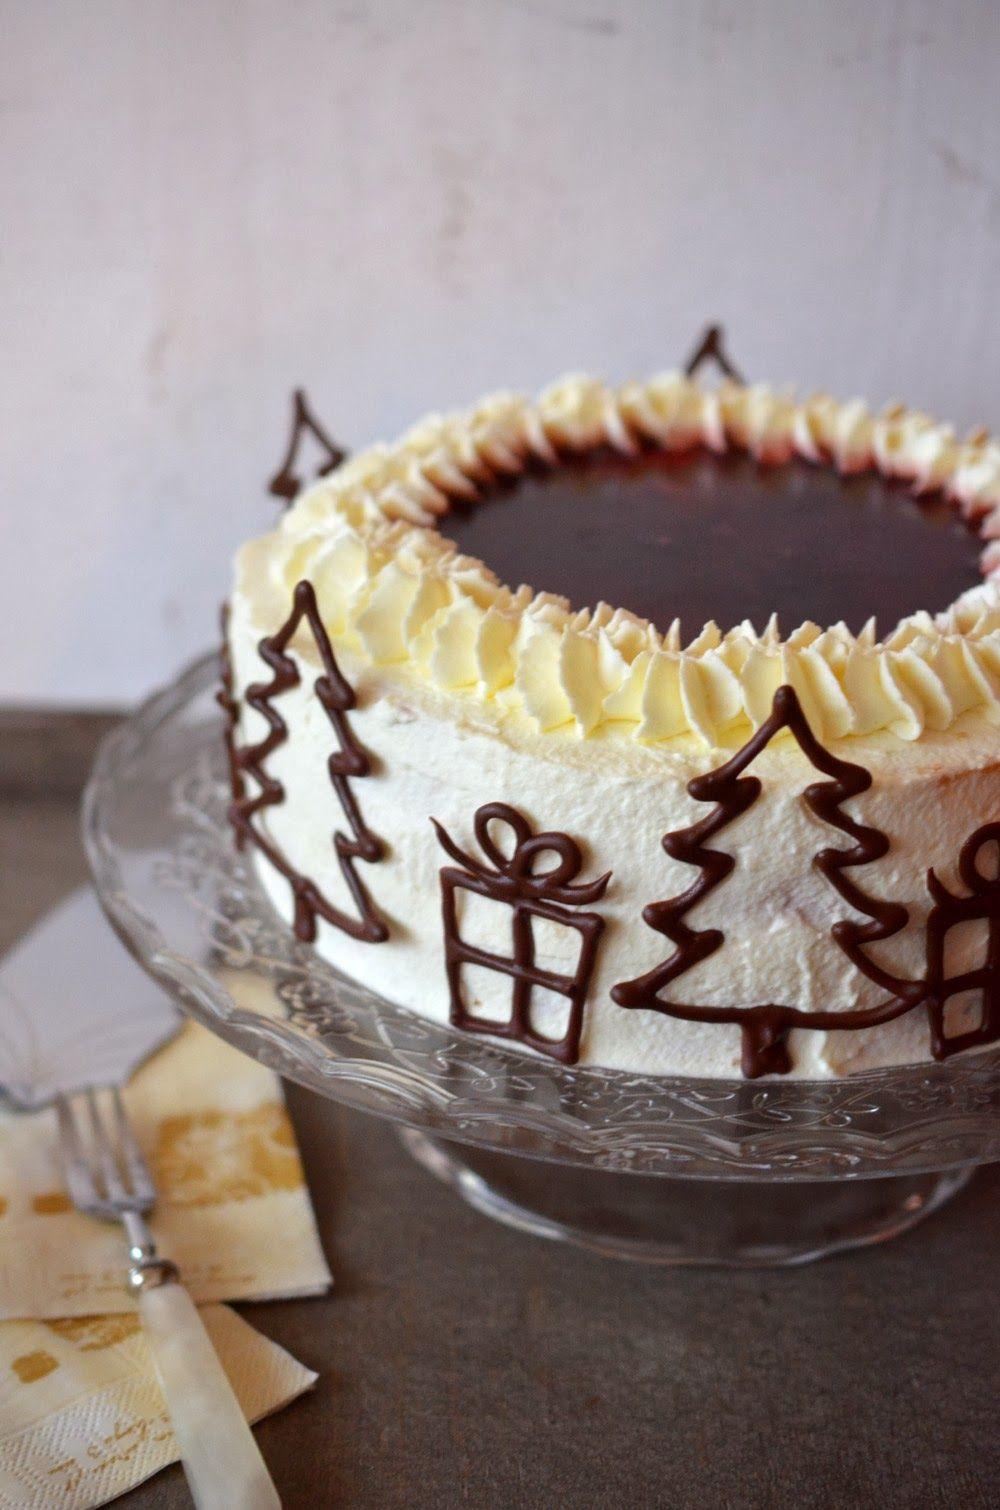 Fremdgebloggt Mandel Gluhwein Torte Kuchen Und Torten Rezepte Backen Weihnachten Leckereien